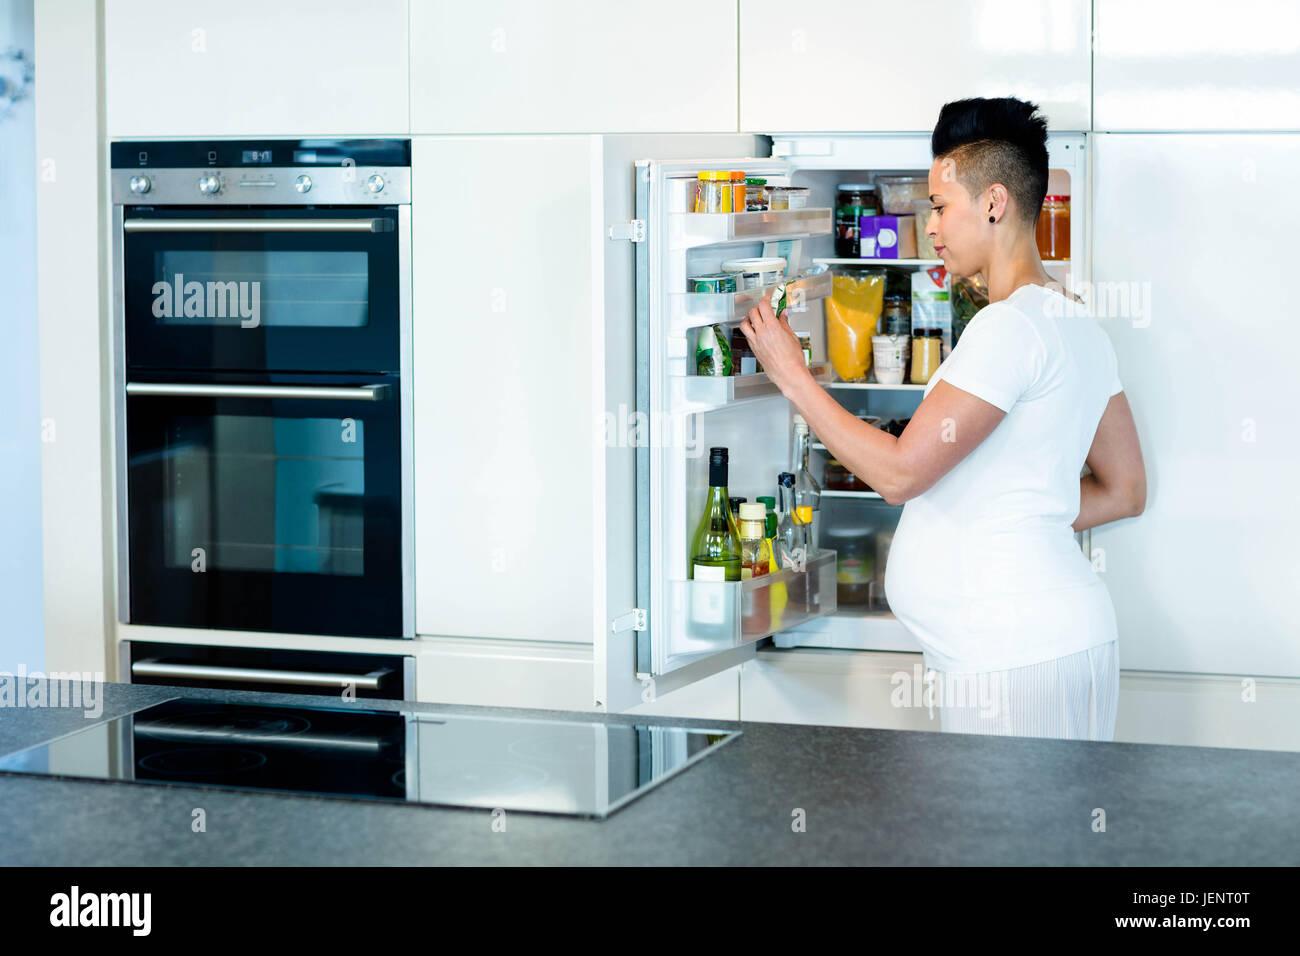 Fein Suche Kühlschrank Bilder - Die Schlafzimmerideen - kruloei.info